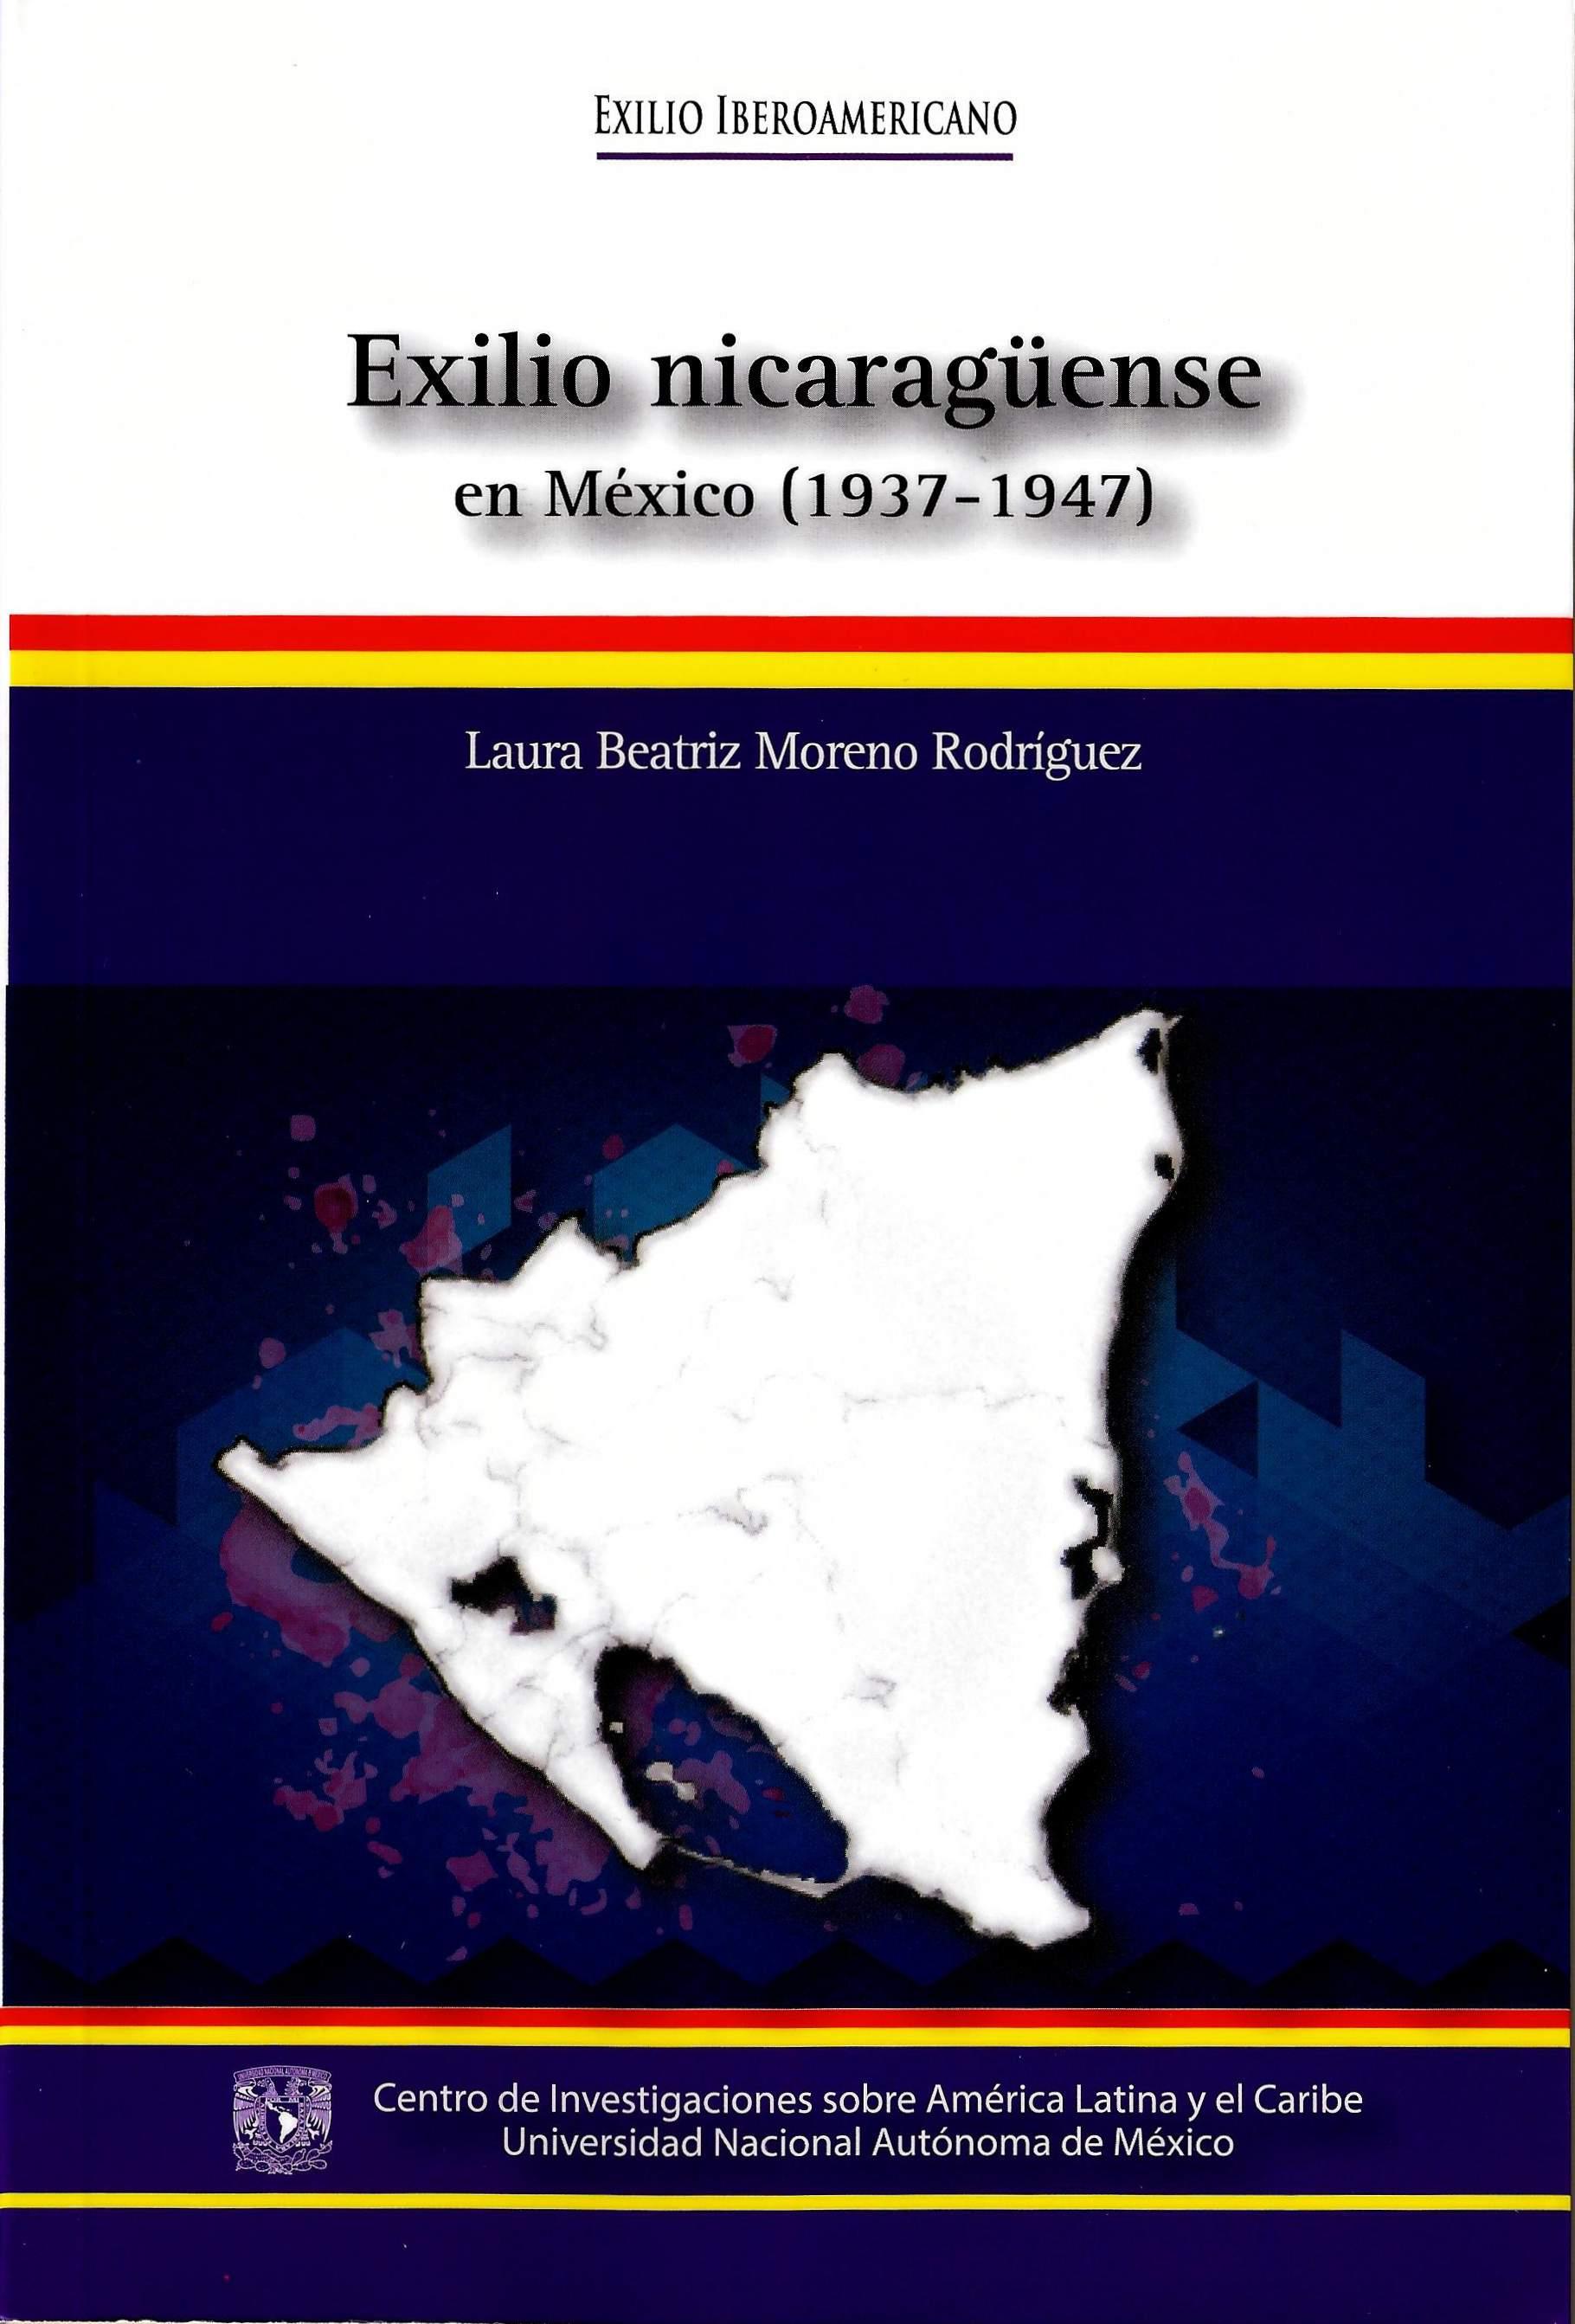 Exilio nicaraguense en México (1937-1947)